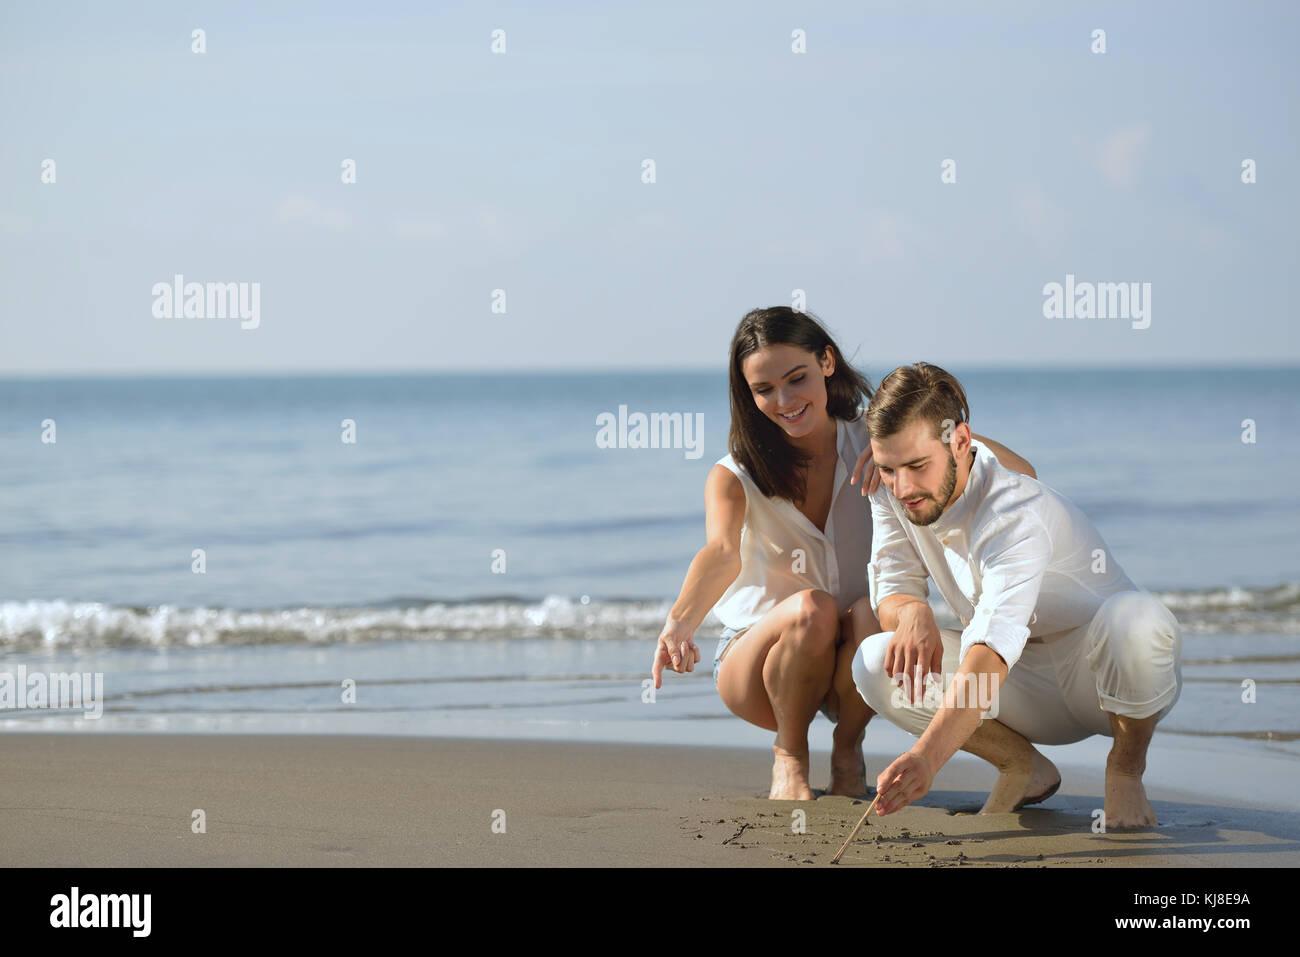 die Flitterwochen in einer Beziehung